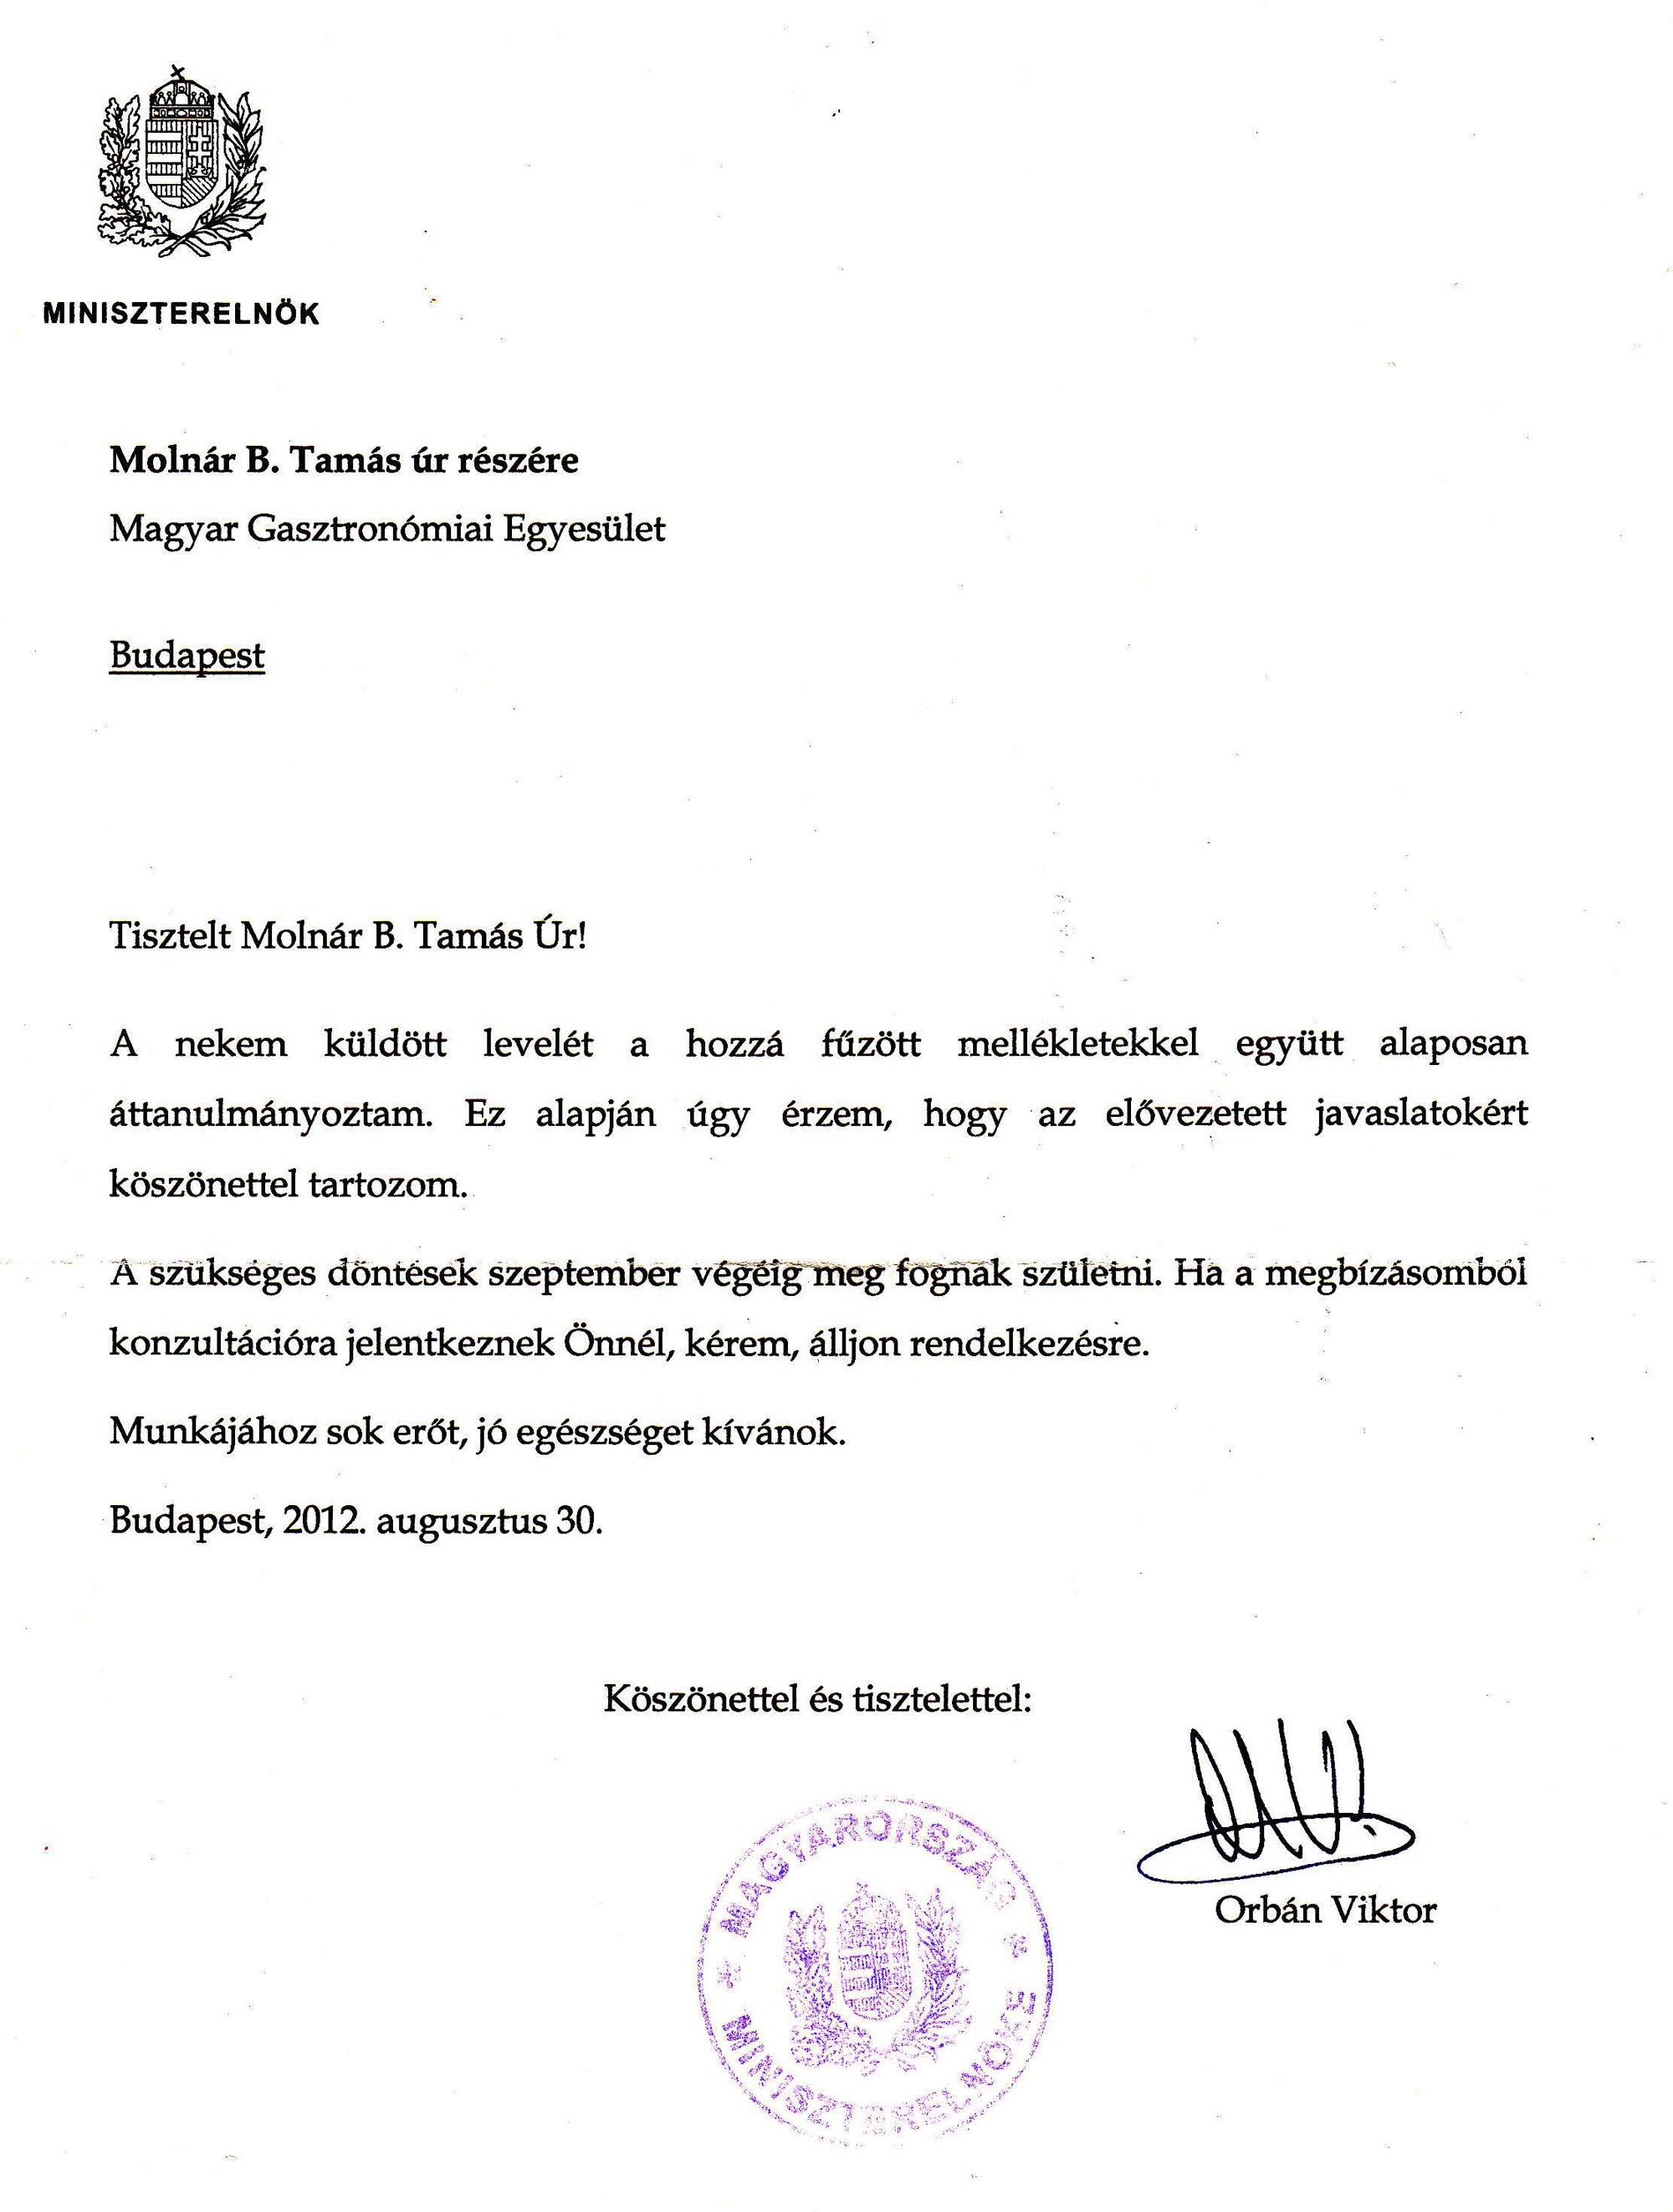 Miniszterelnöki válasz az MGE beadványára